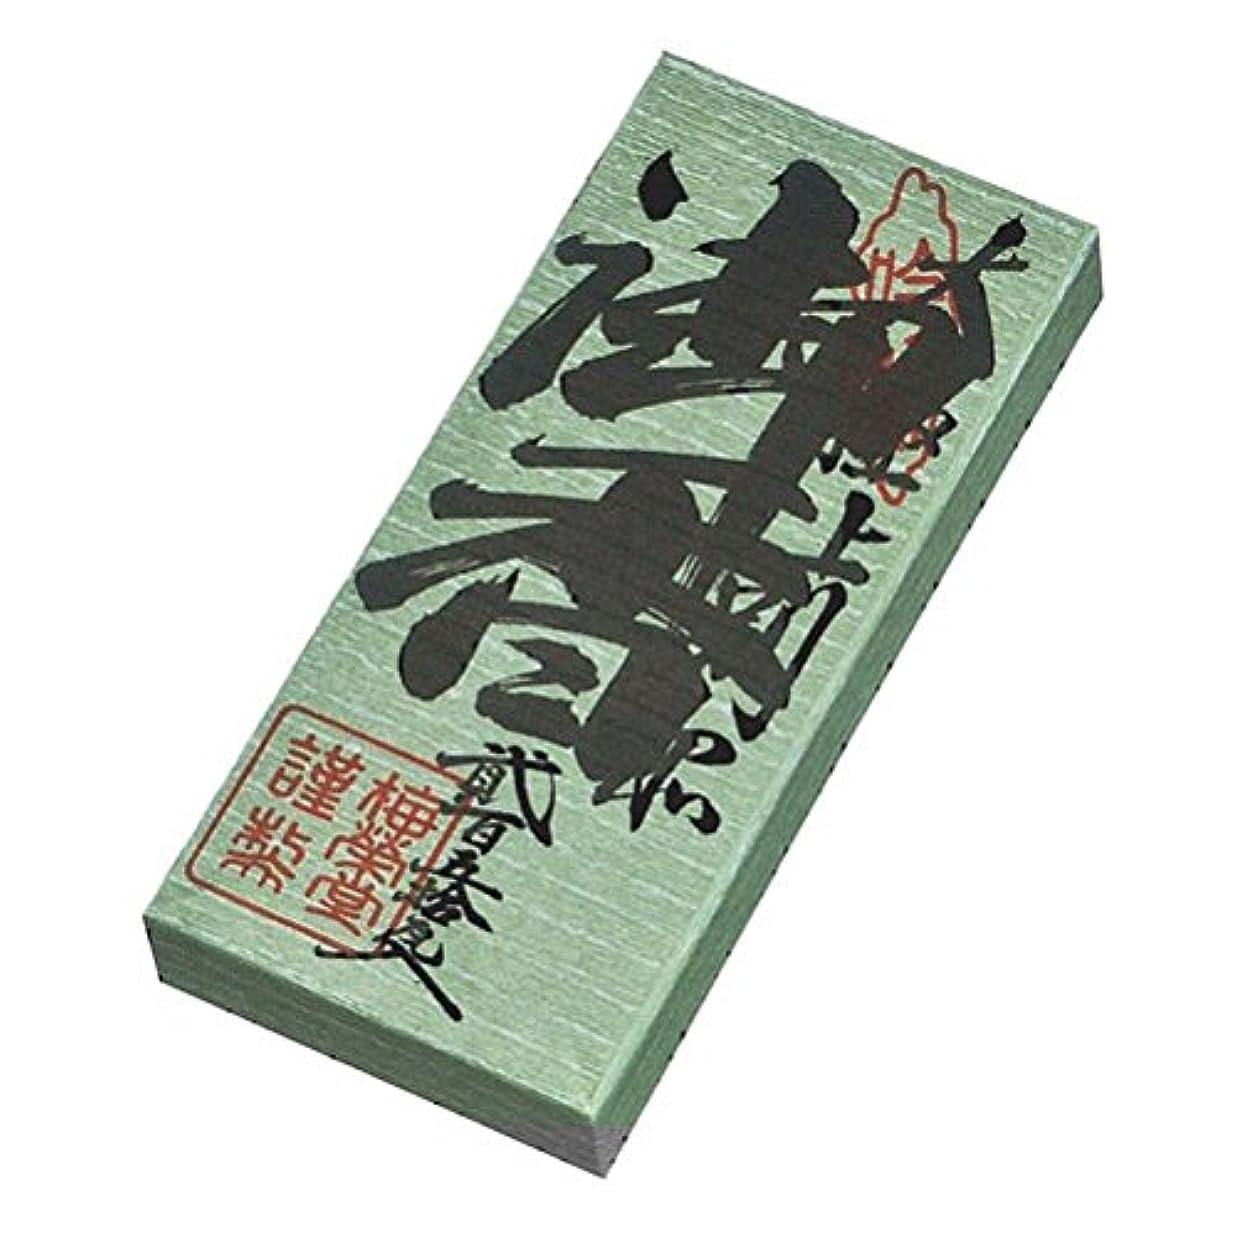 キャップ持つ合法極上薫昇印 250g 紙箱入り お焼香 梅栄堂